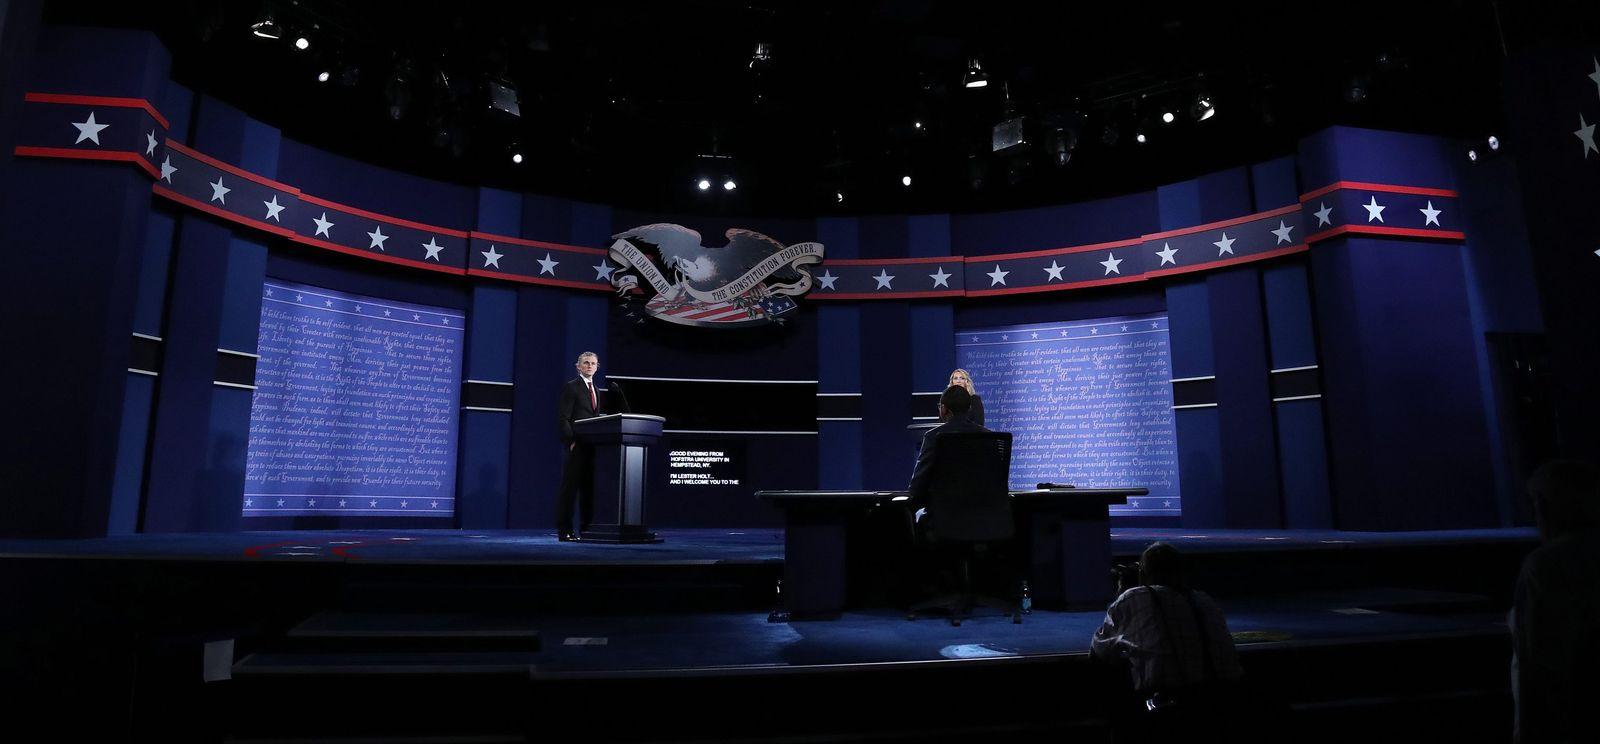 TV-Debatte USA